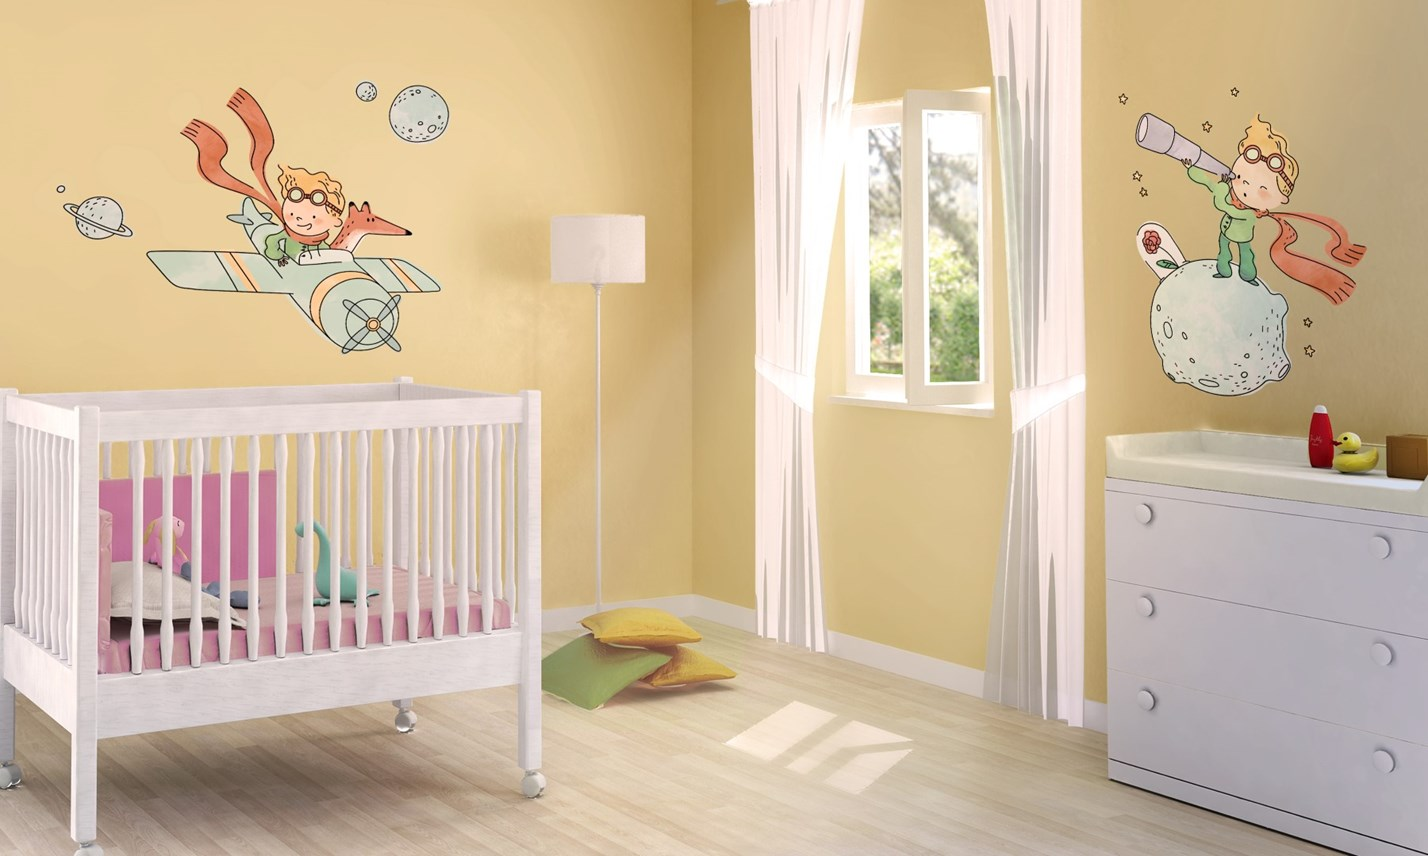 Eccezionale Stickers Murali Bambini - Cameretta Il Piccolo Principe | LeoStickers RS94